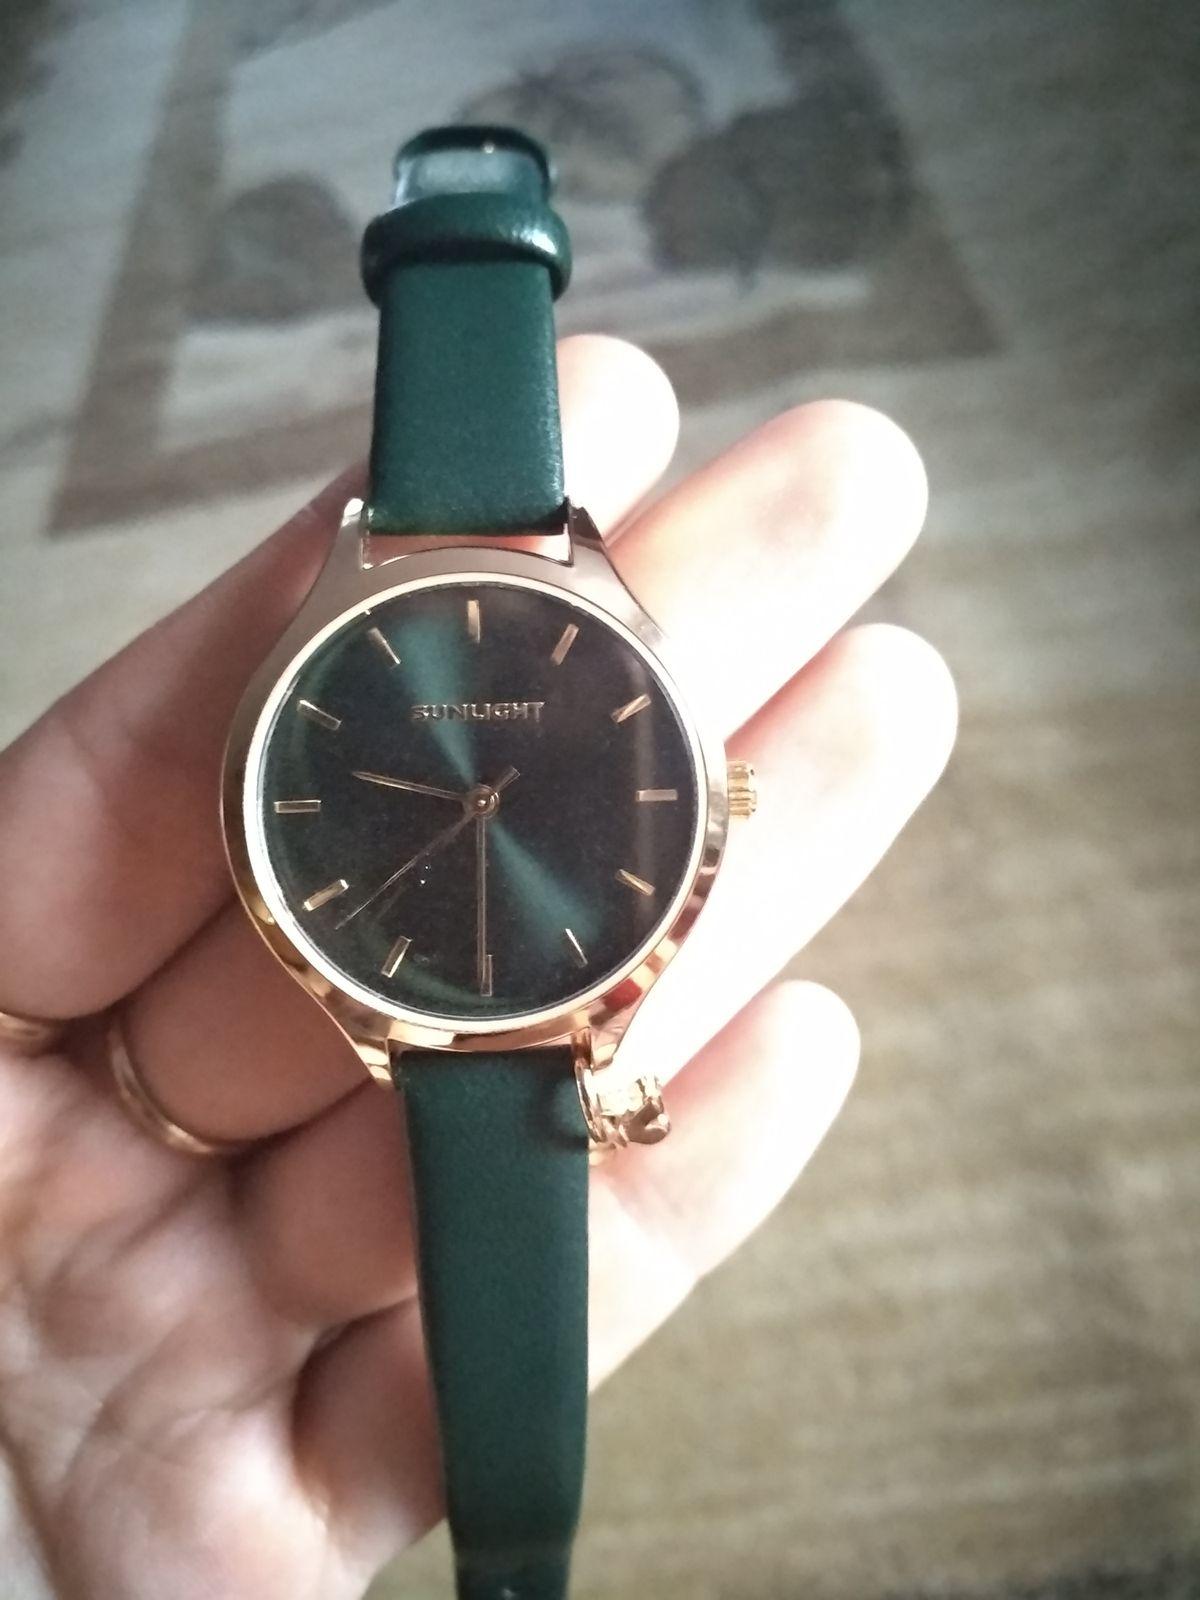 Хорошие часы, моя оценка 💯